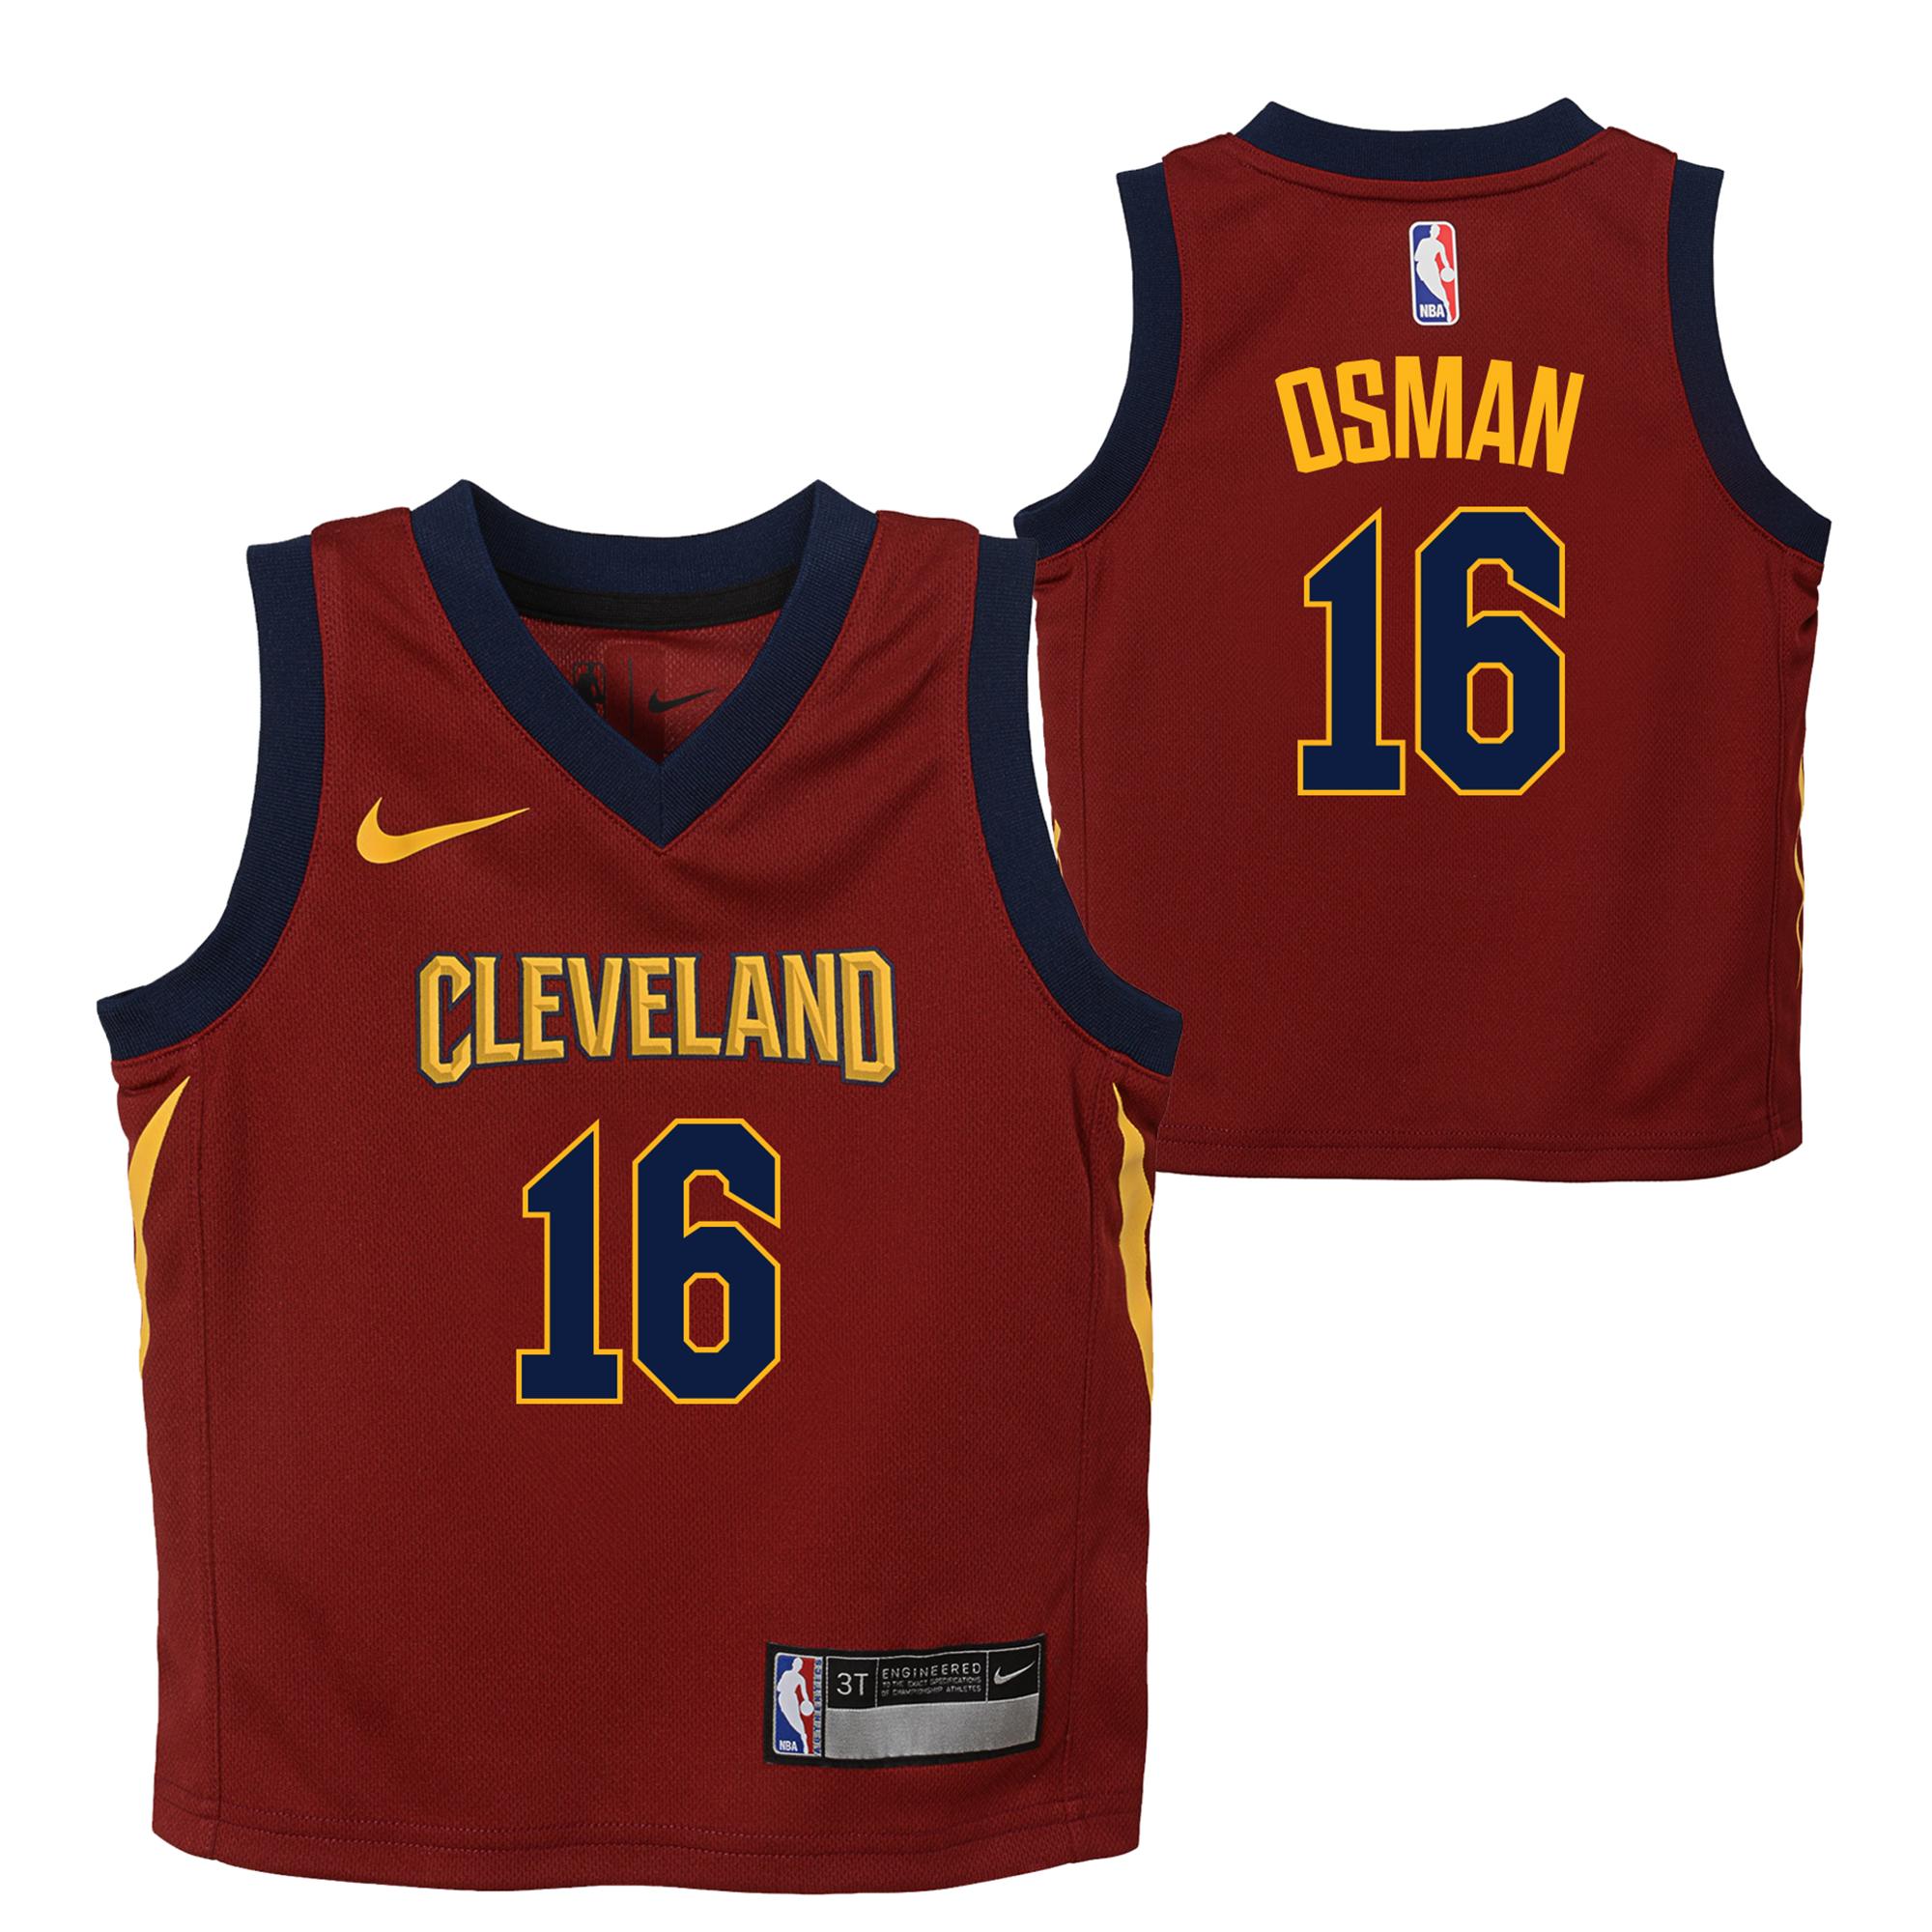 Cleveland Cavaliers Nike Icon Replica Camiseta de la NBA - Cedi Osman - Niños pequeños